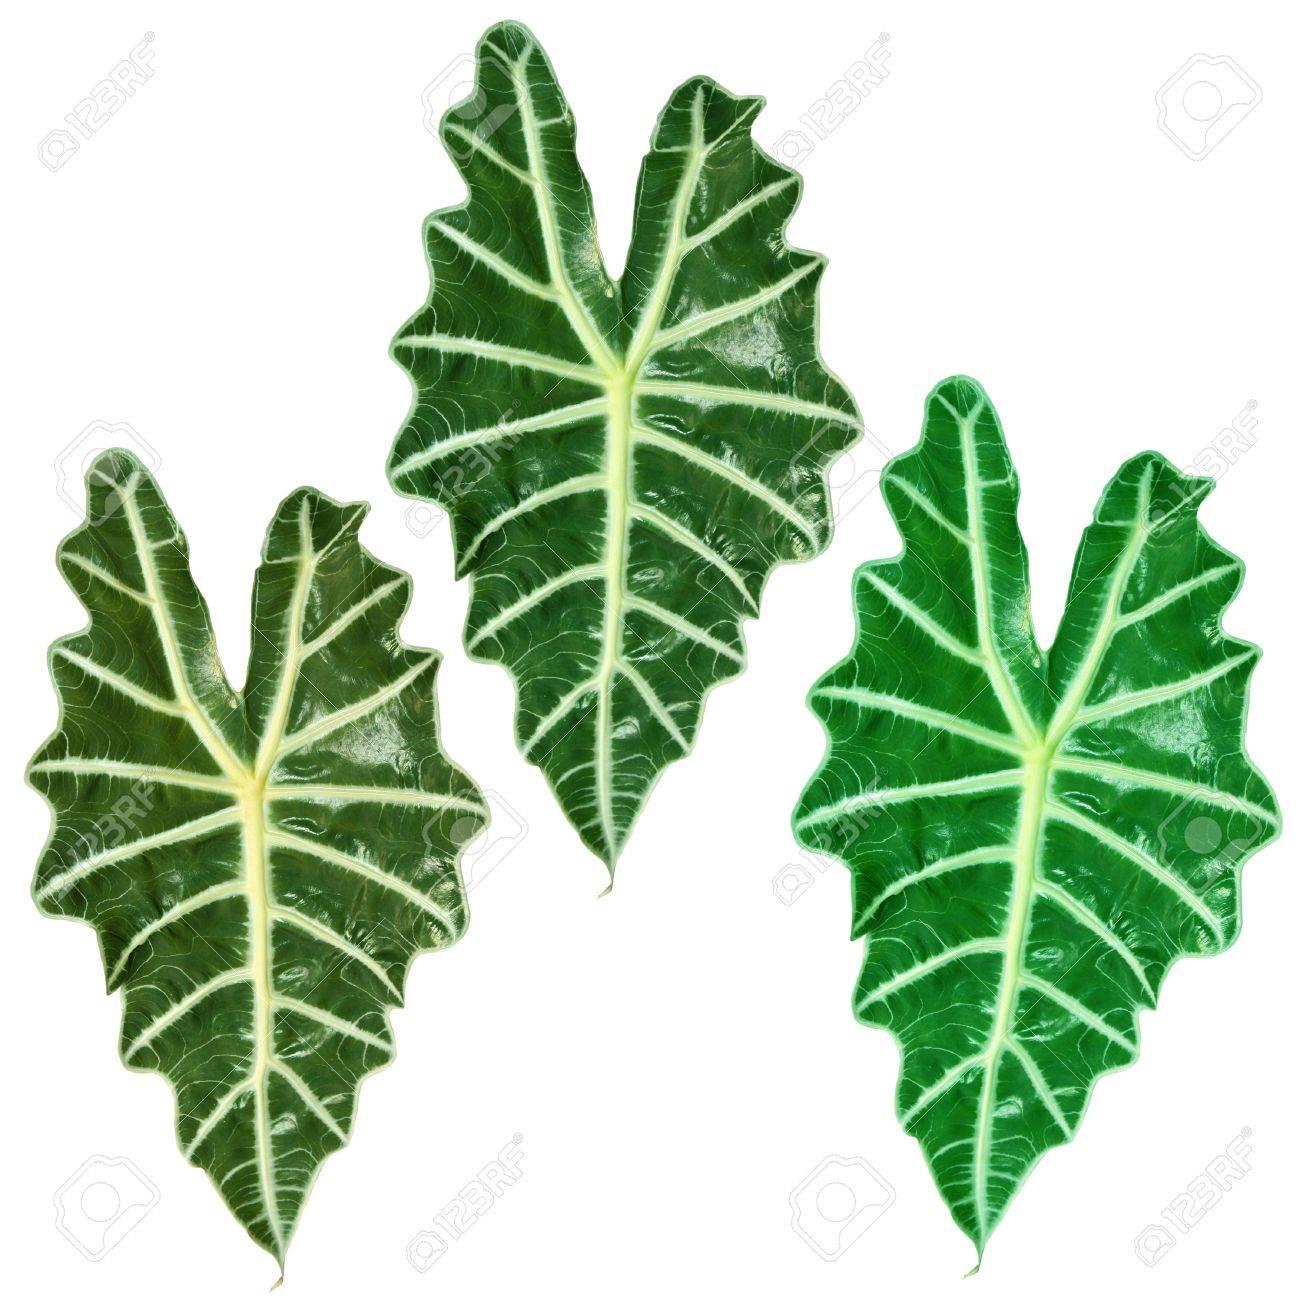 Drei Tropische Pflanzen Mit Grossen Grunen Blattern Lizenzfreie Fotos